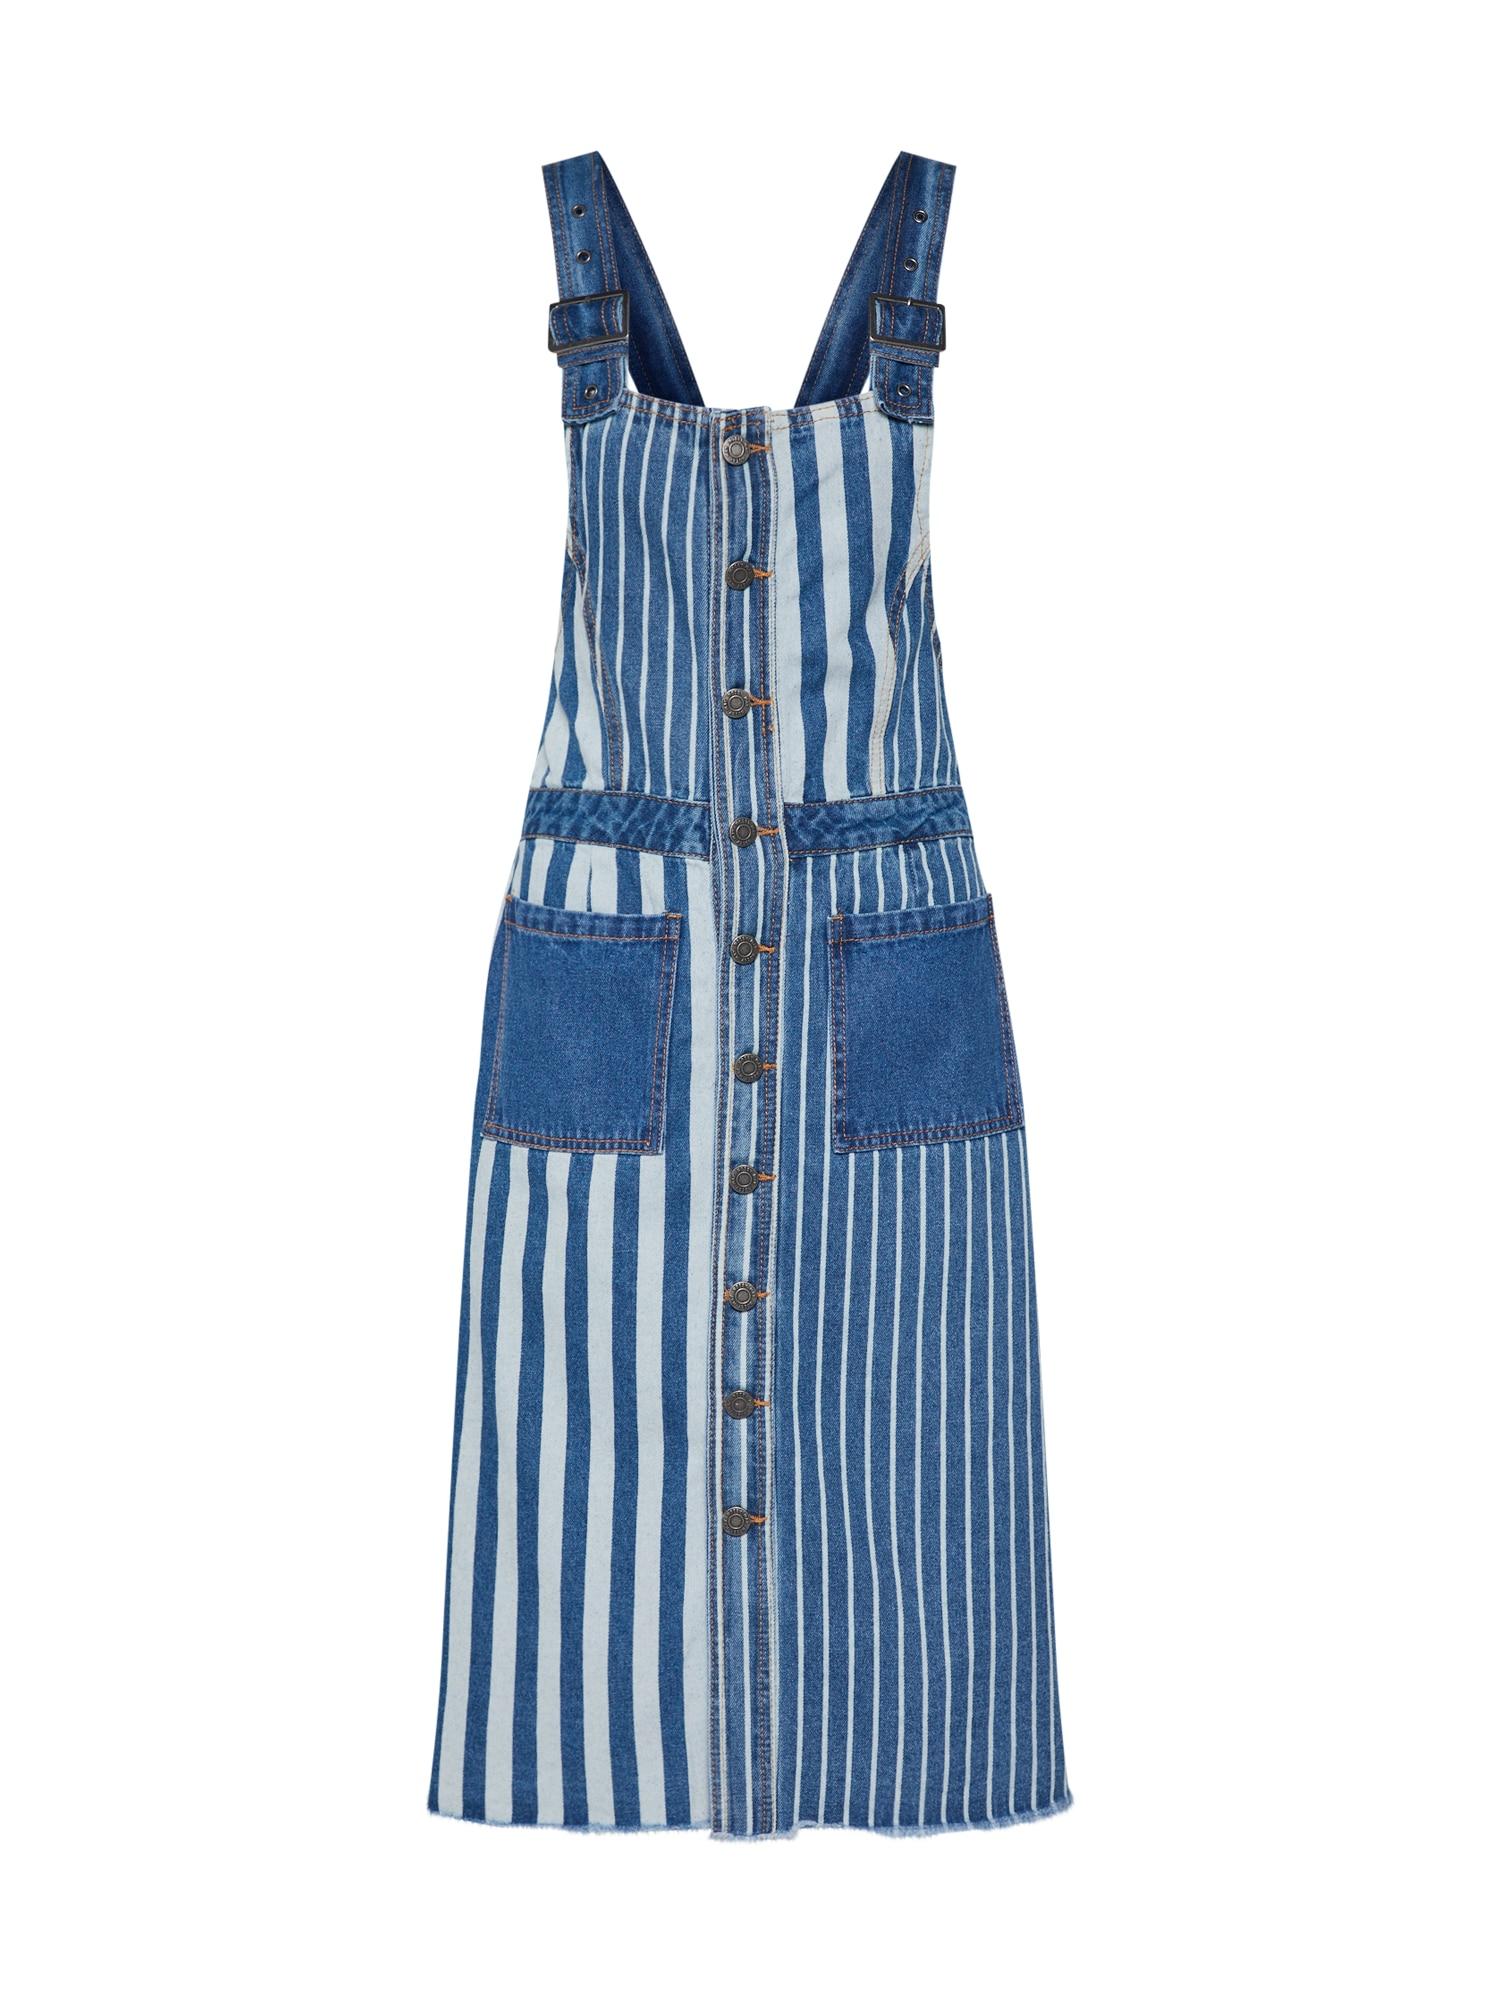 Laclová sukně NMJENNY DUNGAREE STRIBE DRESS modrá džínovina Noisy May